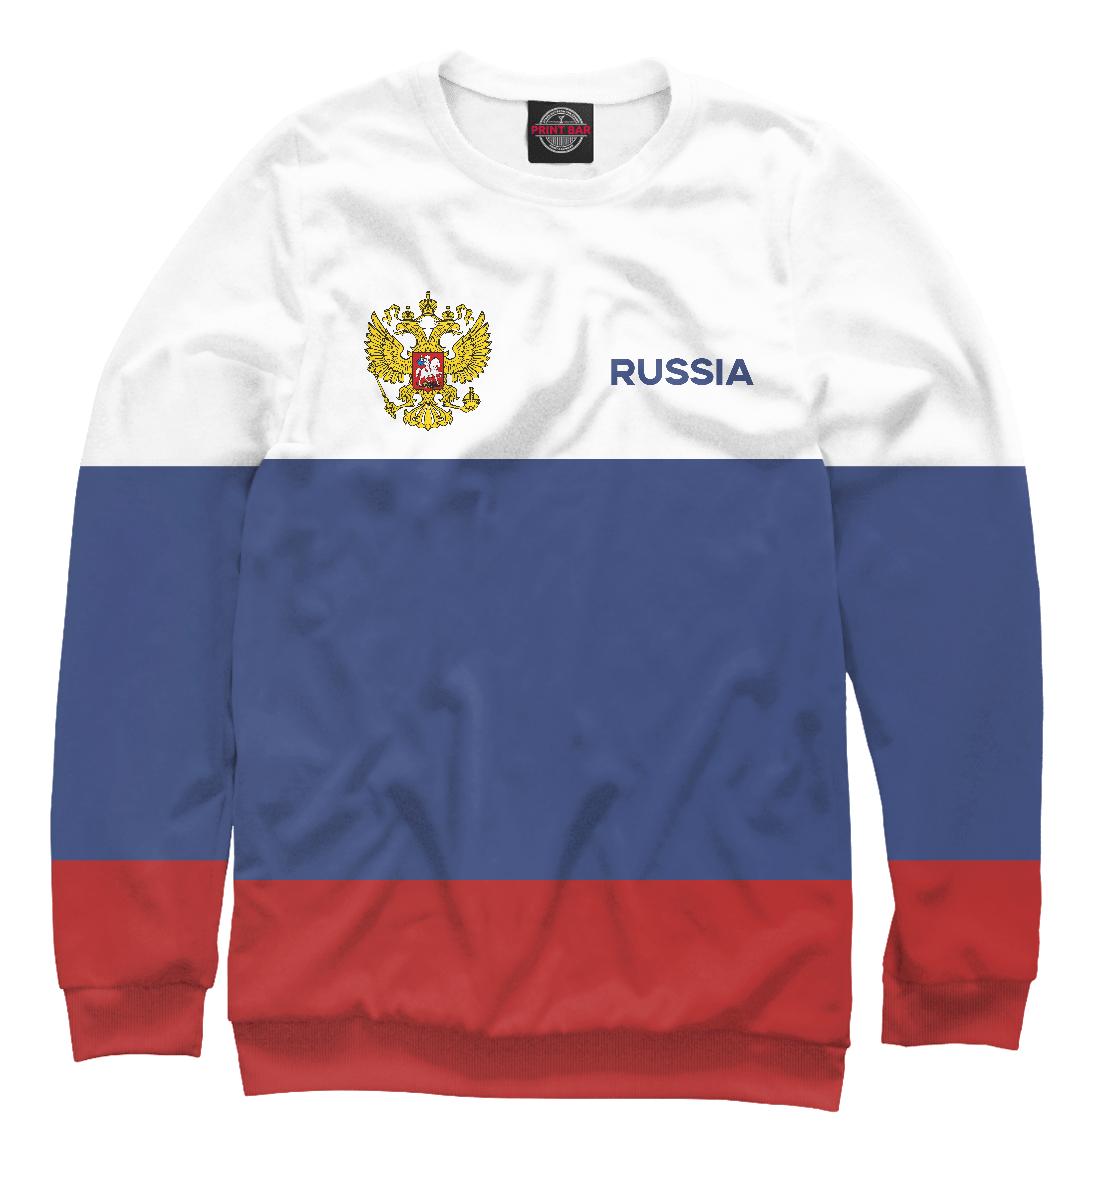 Russia Tricolour